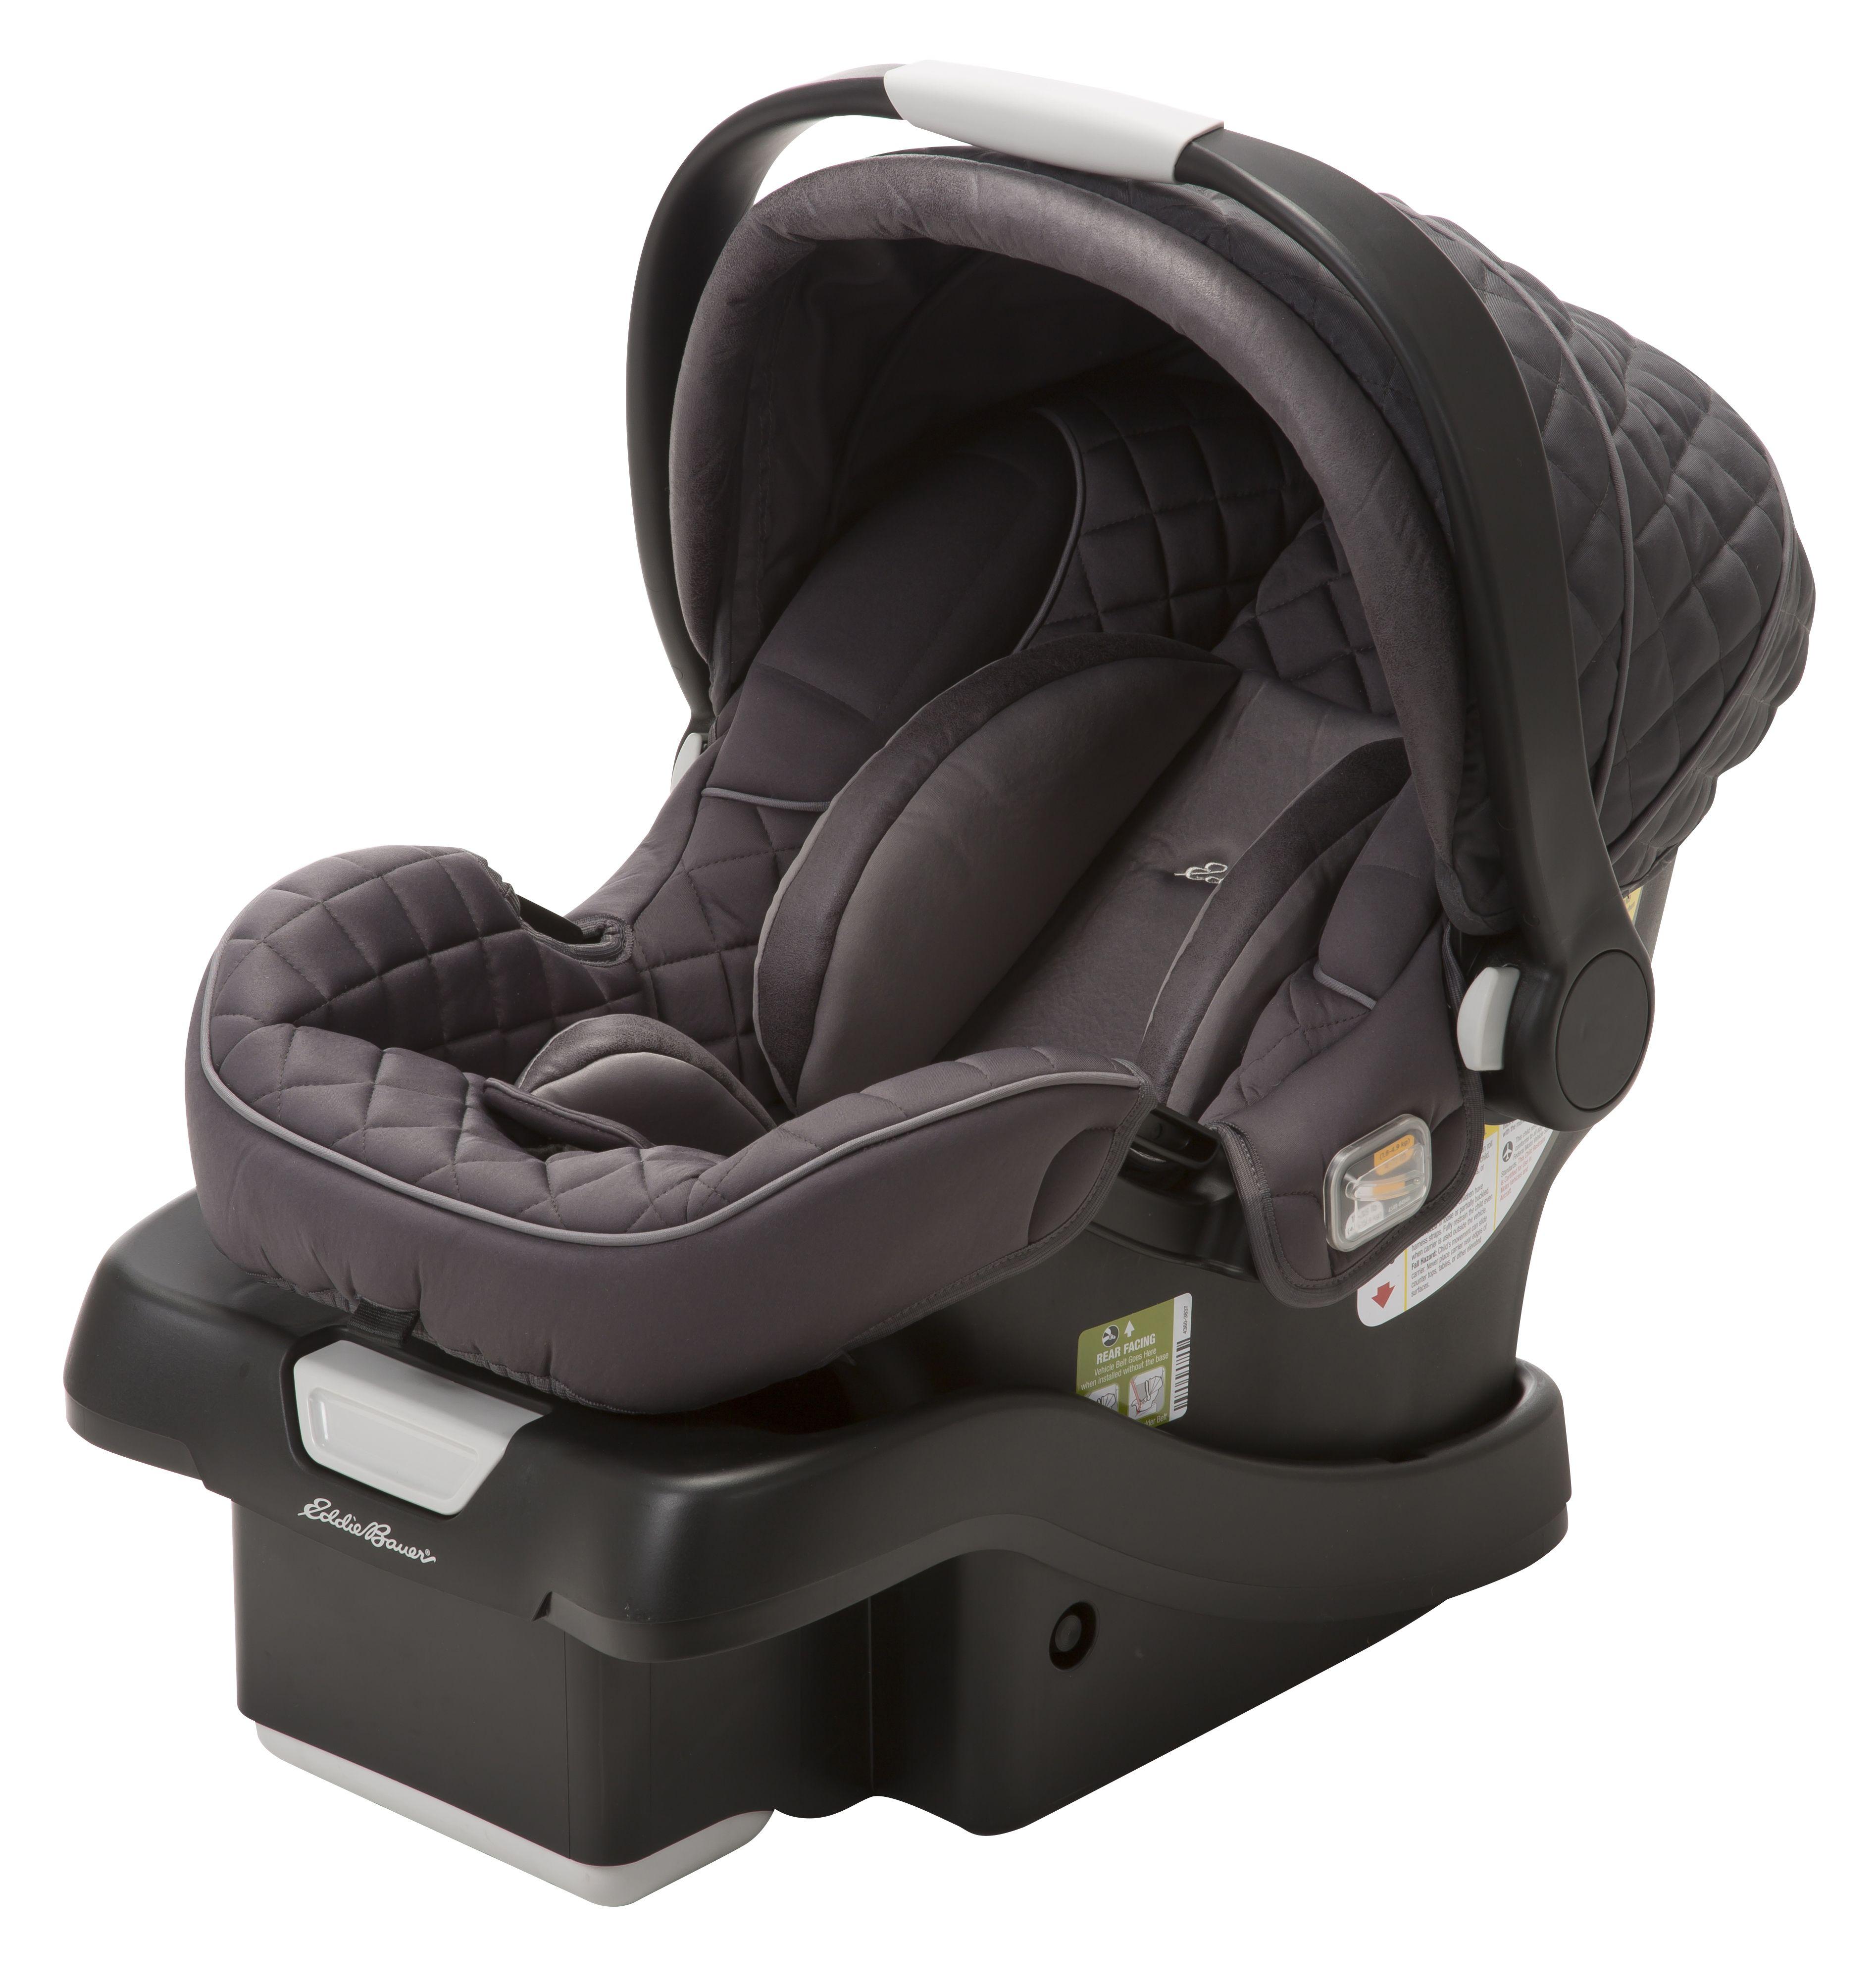 SureFit Infant Car Seat Target Exclusive Baby car